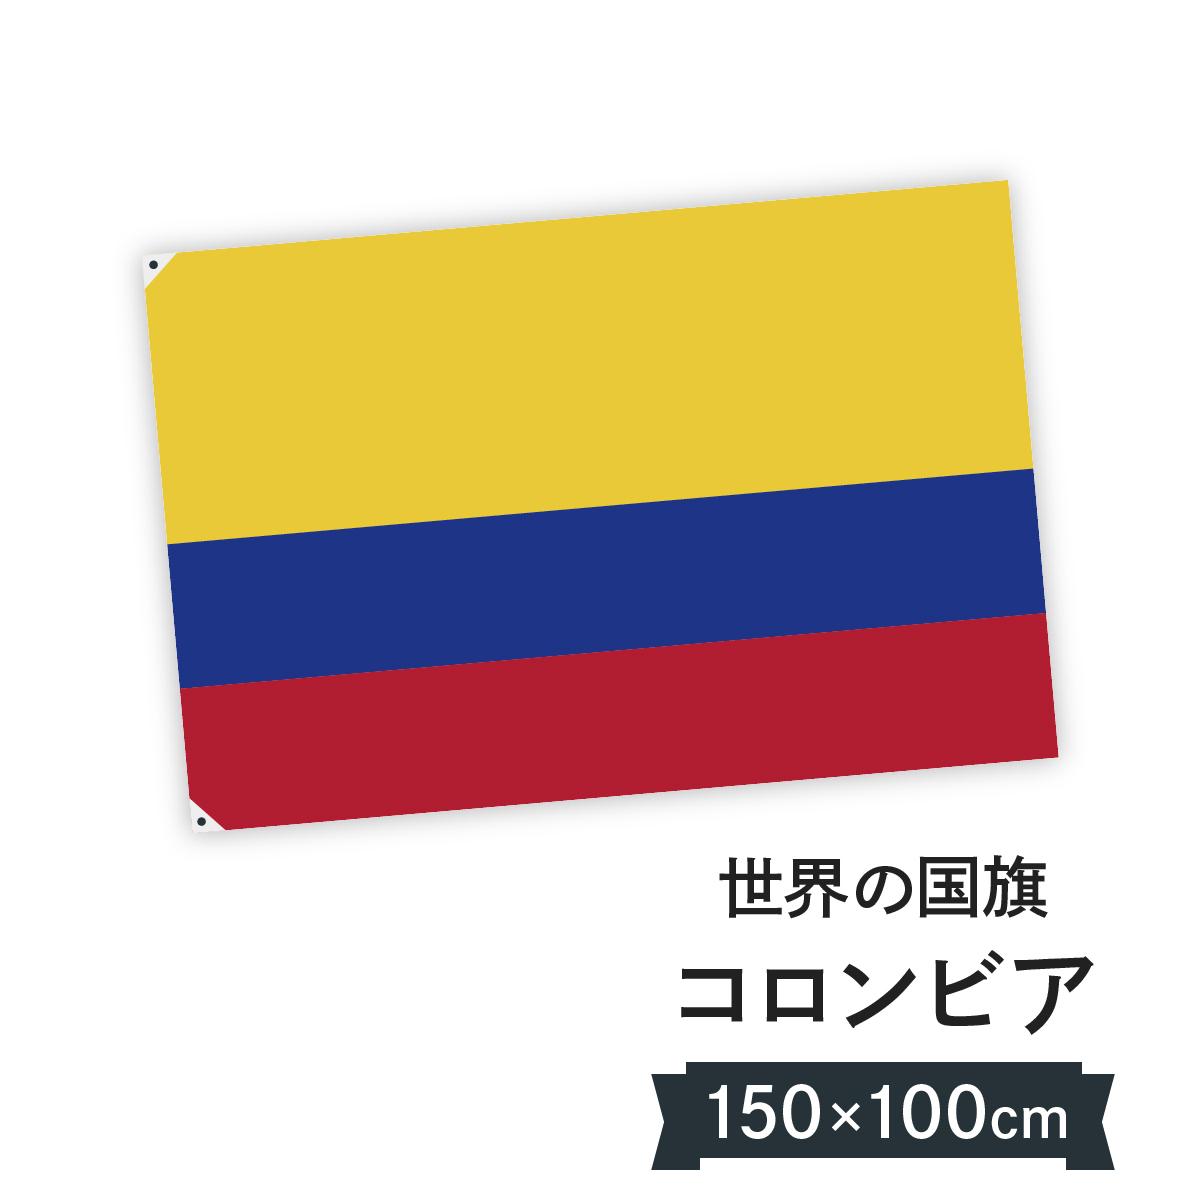 コロンビア共和国 100×150 国旗 W150cm H100cm